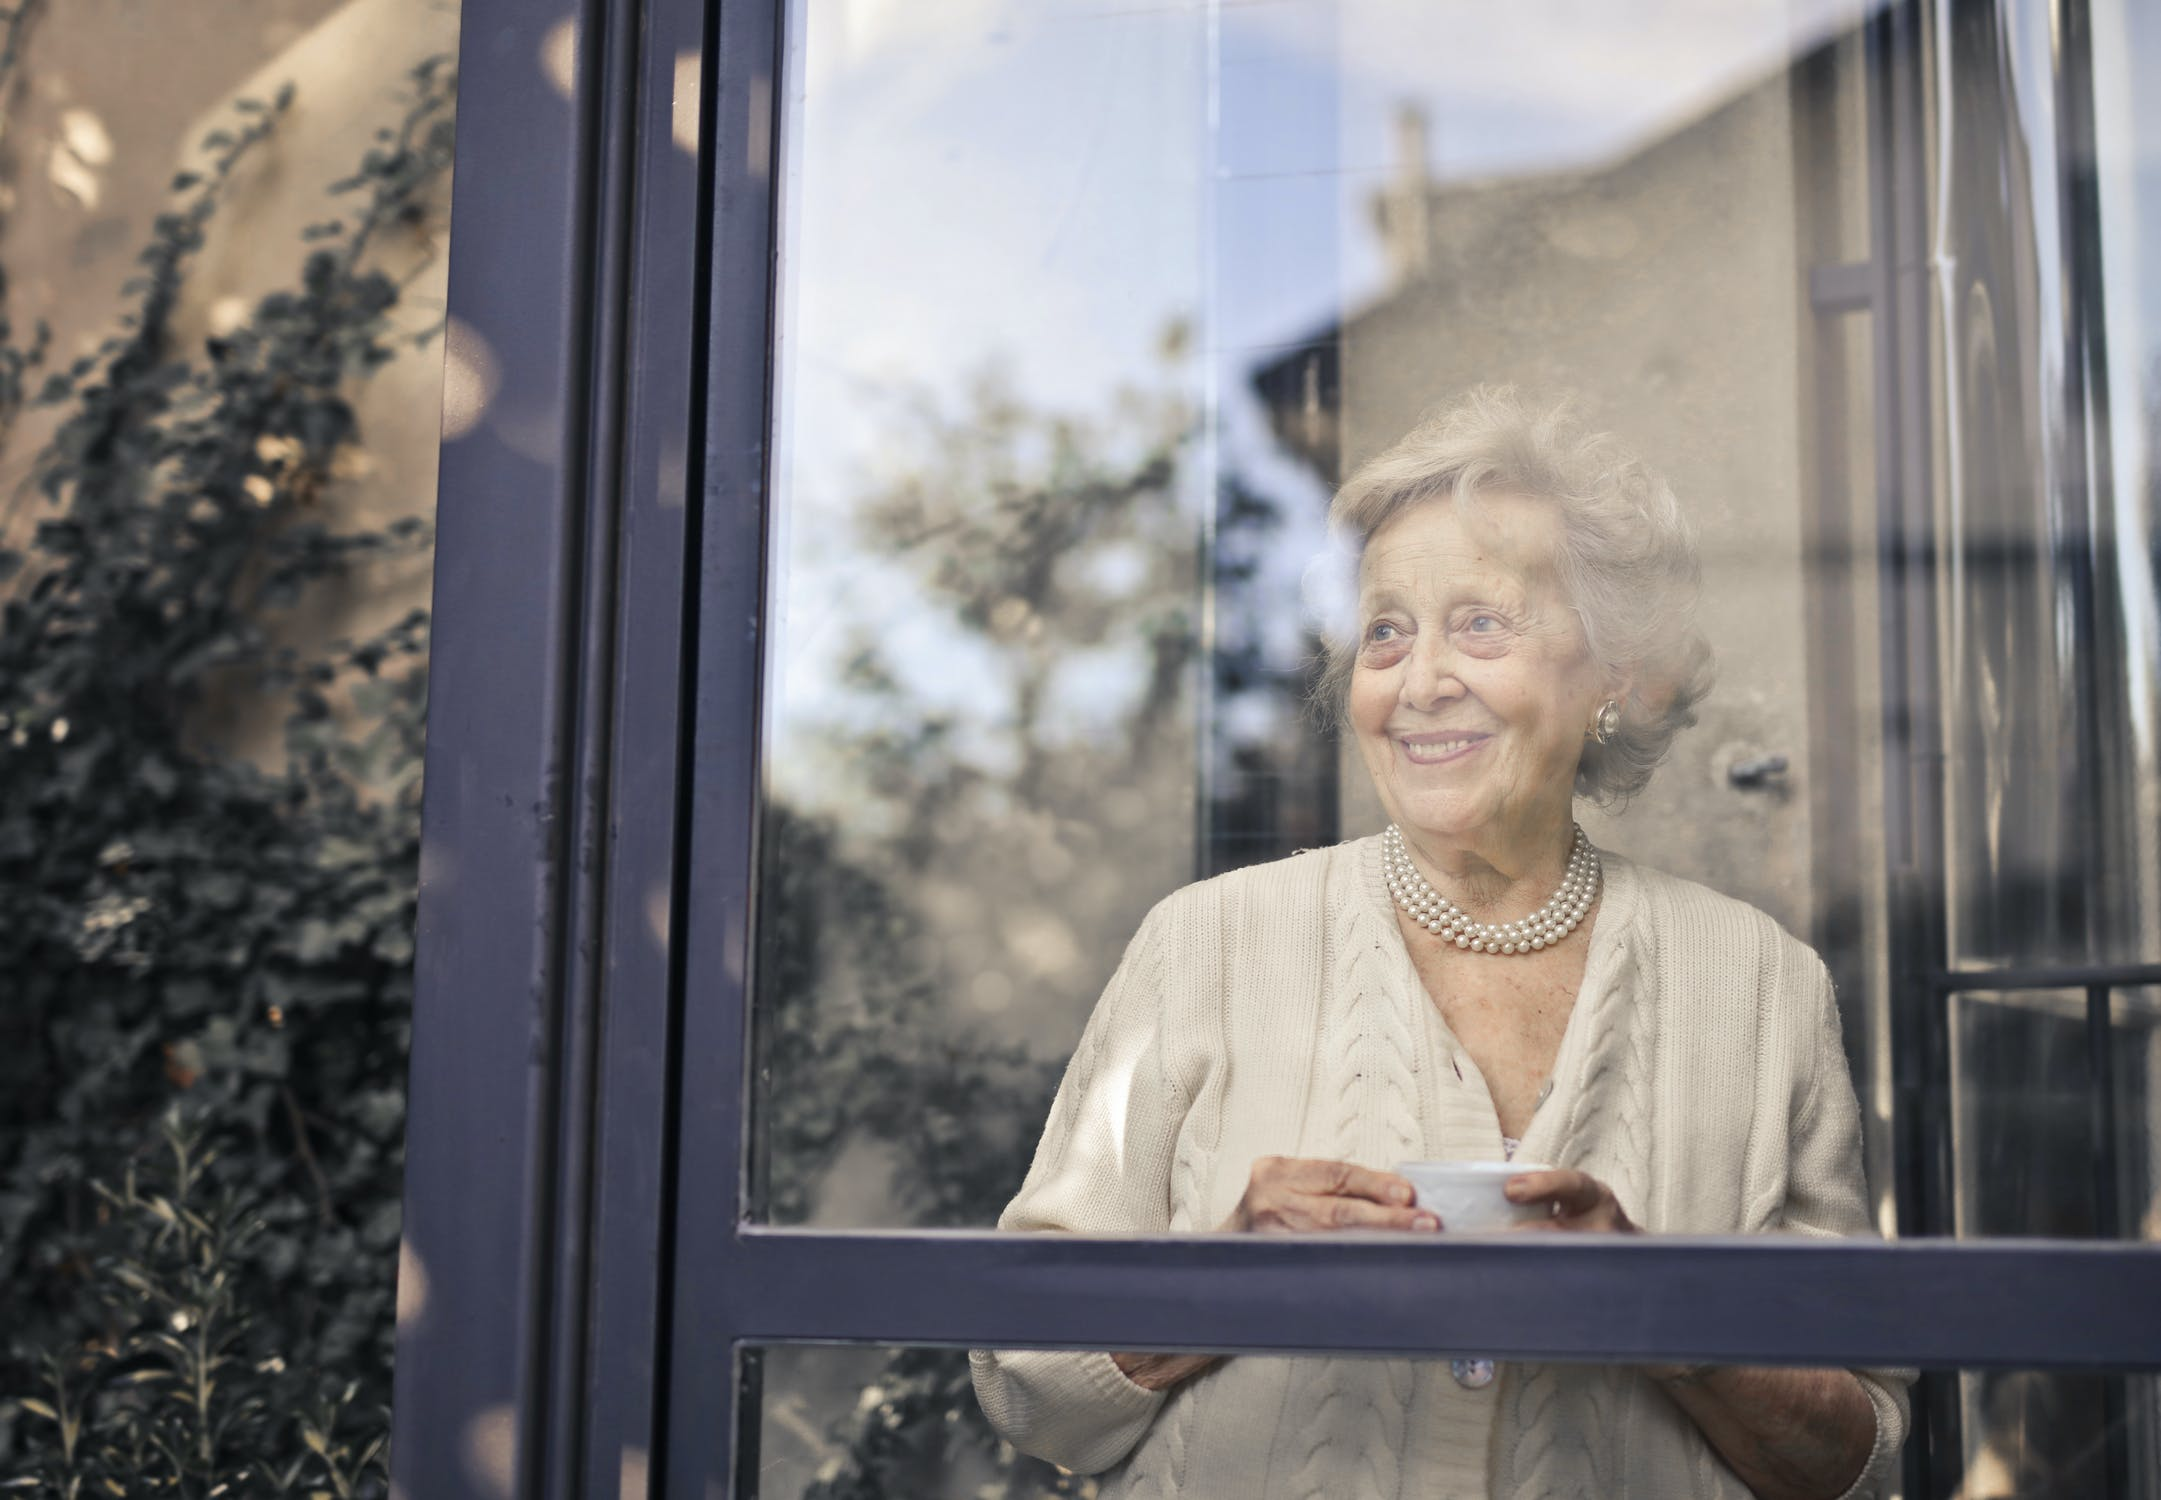 Starých rodičov nesmierne potešíte, ak im prídete zamávať aj pod okno, prípadne niečo chutné prinesiete. / Zdroj: Pexels